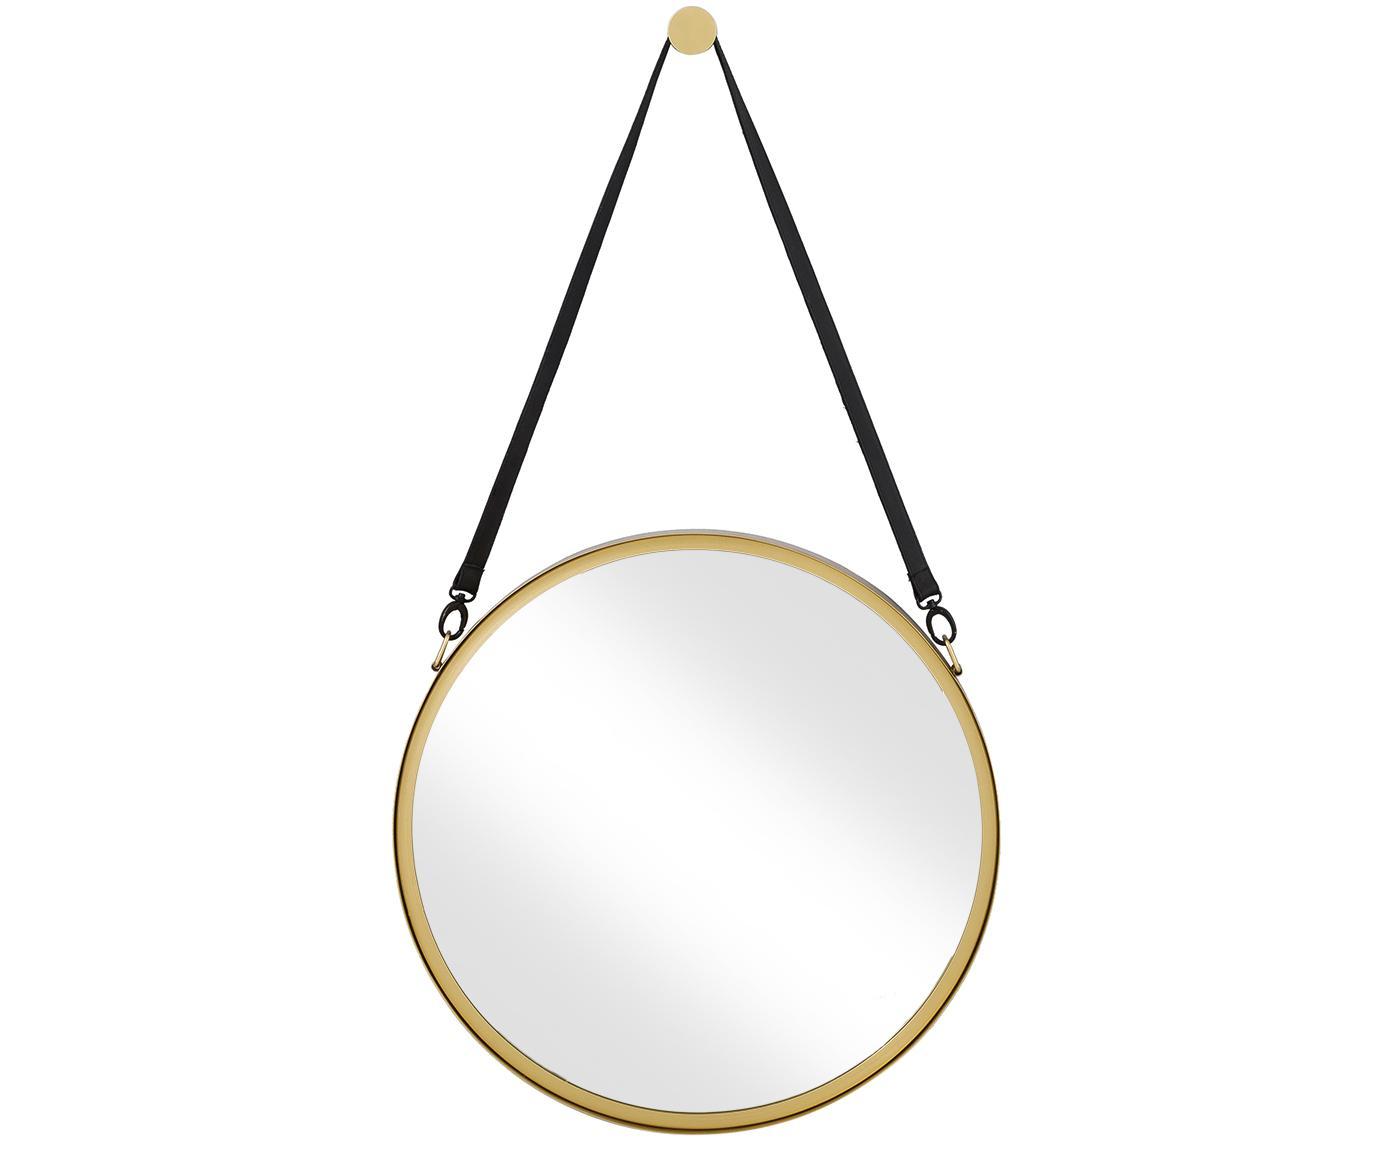 Specchio da parete rotondo con cinturino in pelle Liz, Superficie dello specchio: lastra di vetro, Cinturino sospensione: pelle, Oro, Ø 60 cm